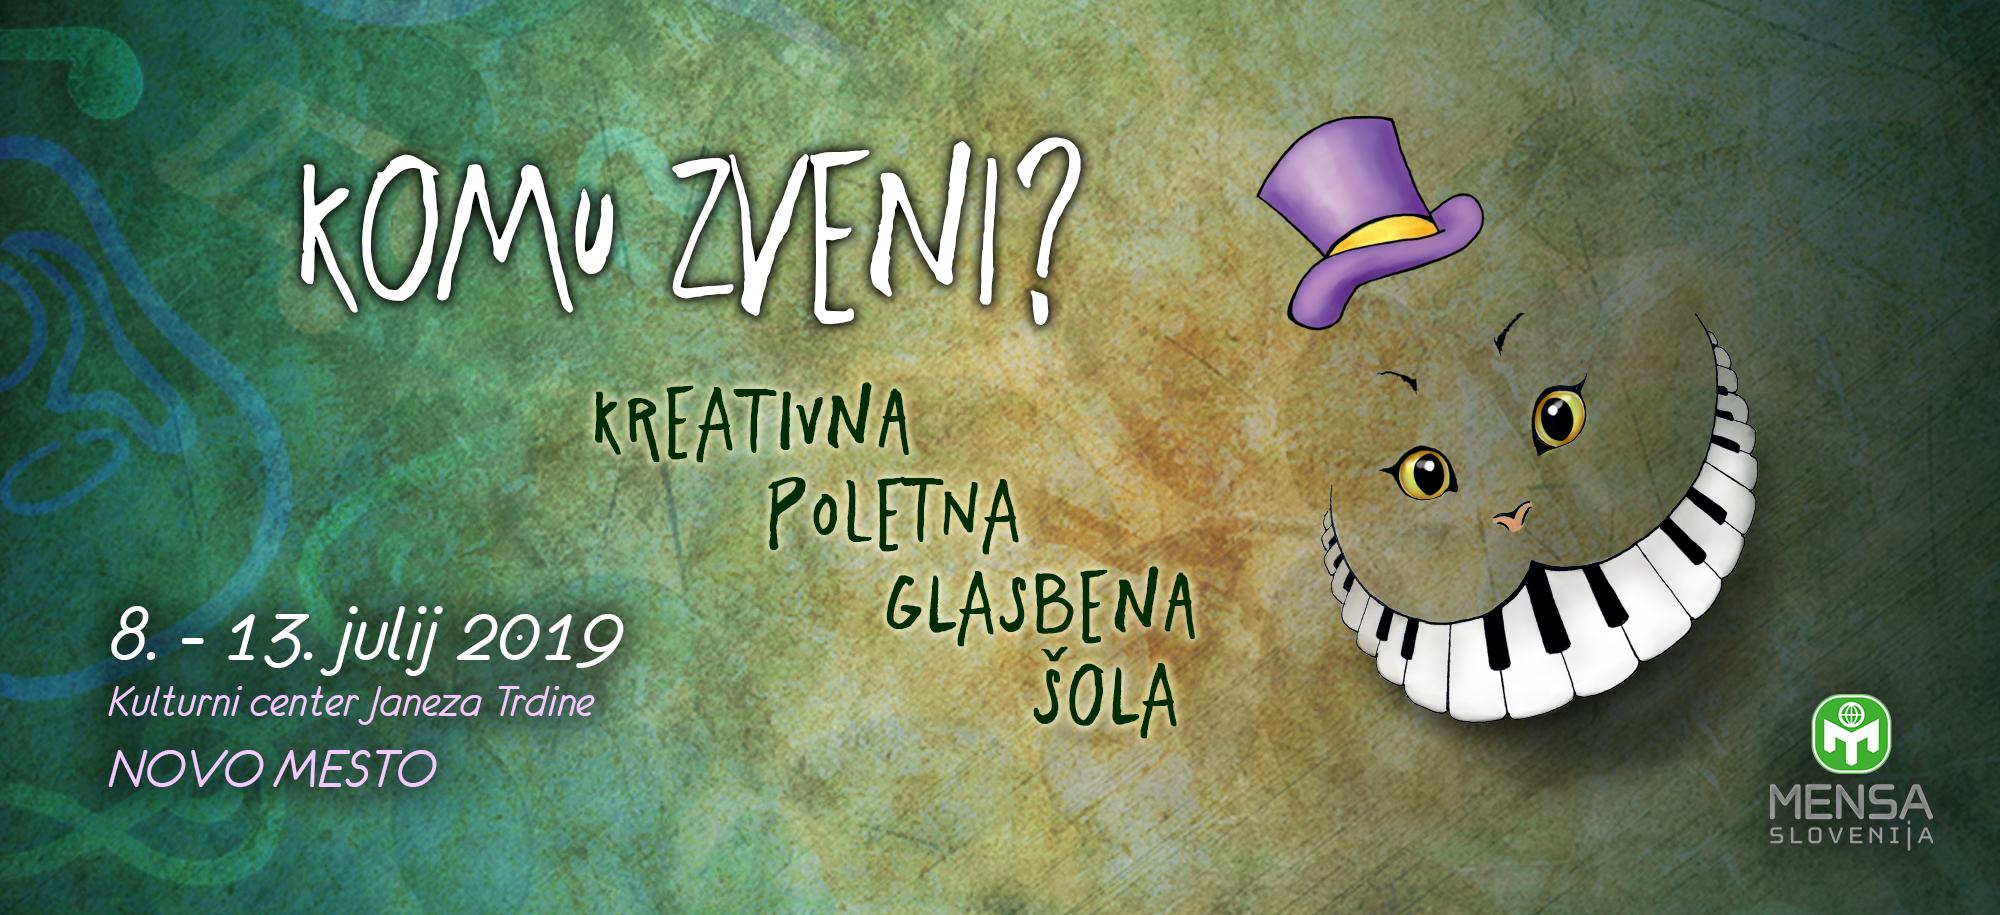 ZAKLJUČILA SE JE Prva kreativna poletna glasbena šola komu zveni, julij 2019, Novo mesto